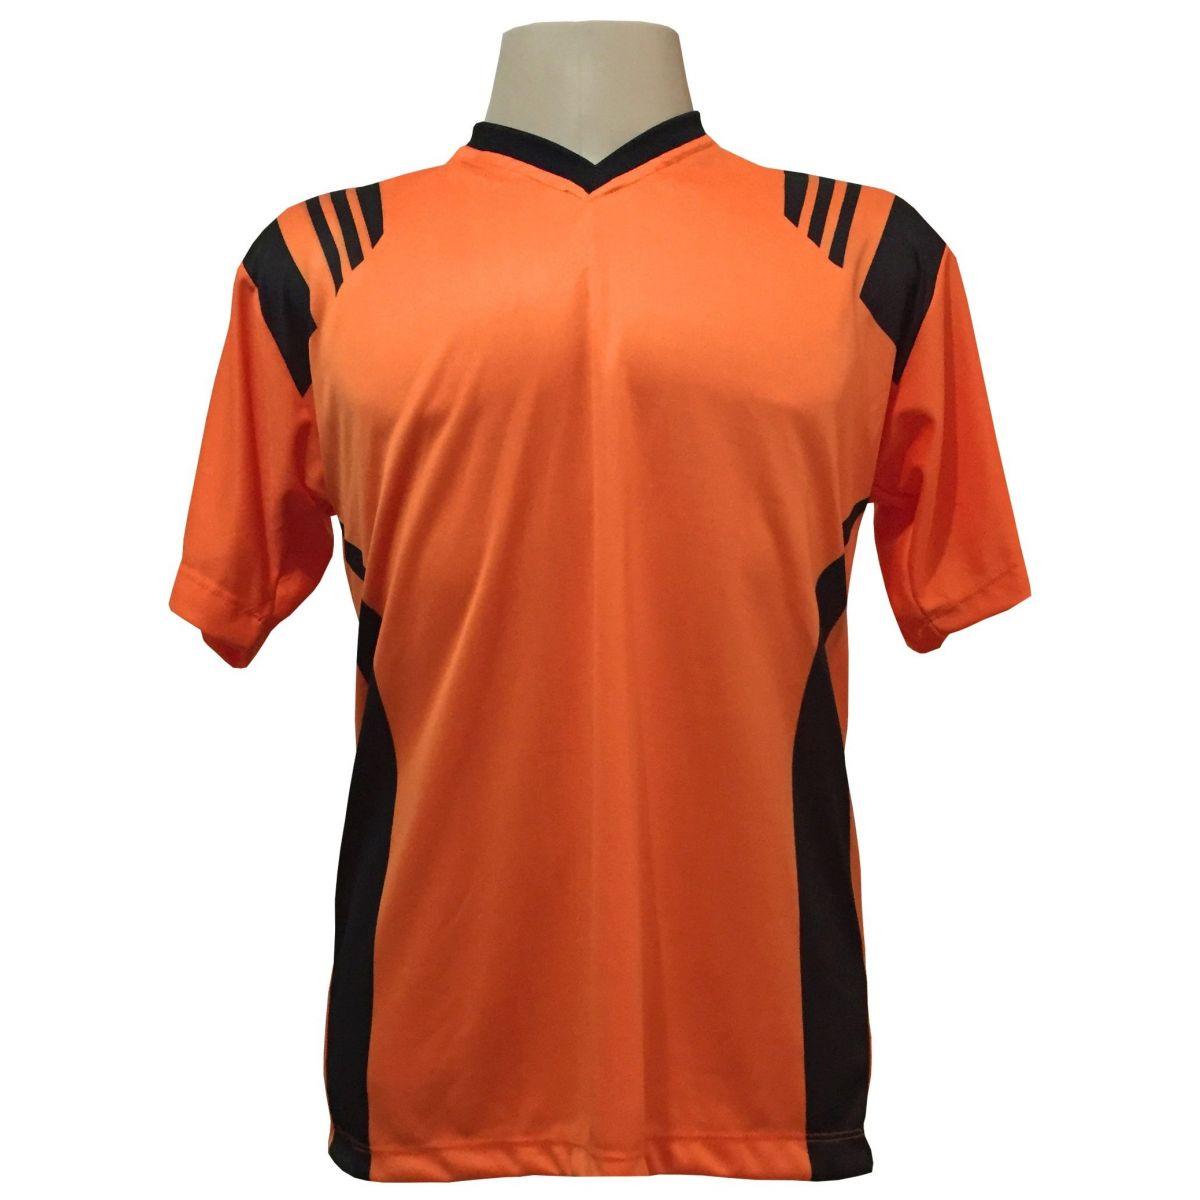 Jogo de Camisa com 18 unidades modelo Roma Laranja/Preto + Brindes